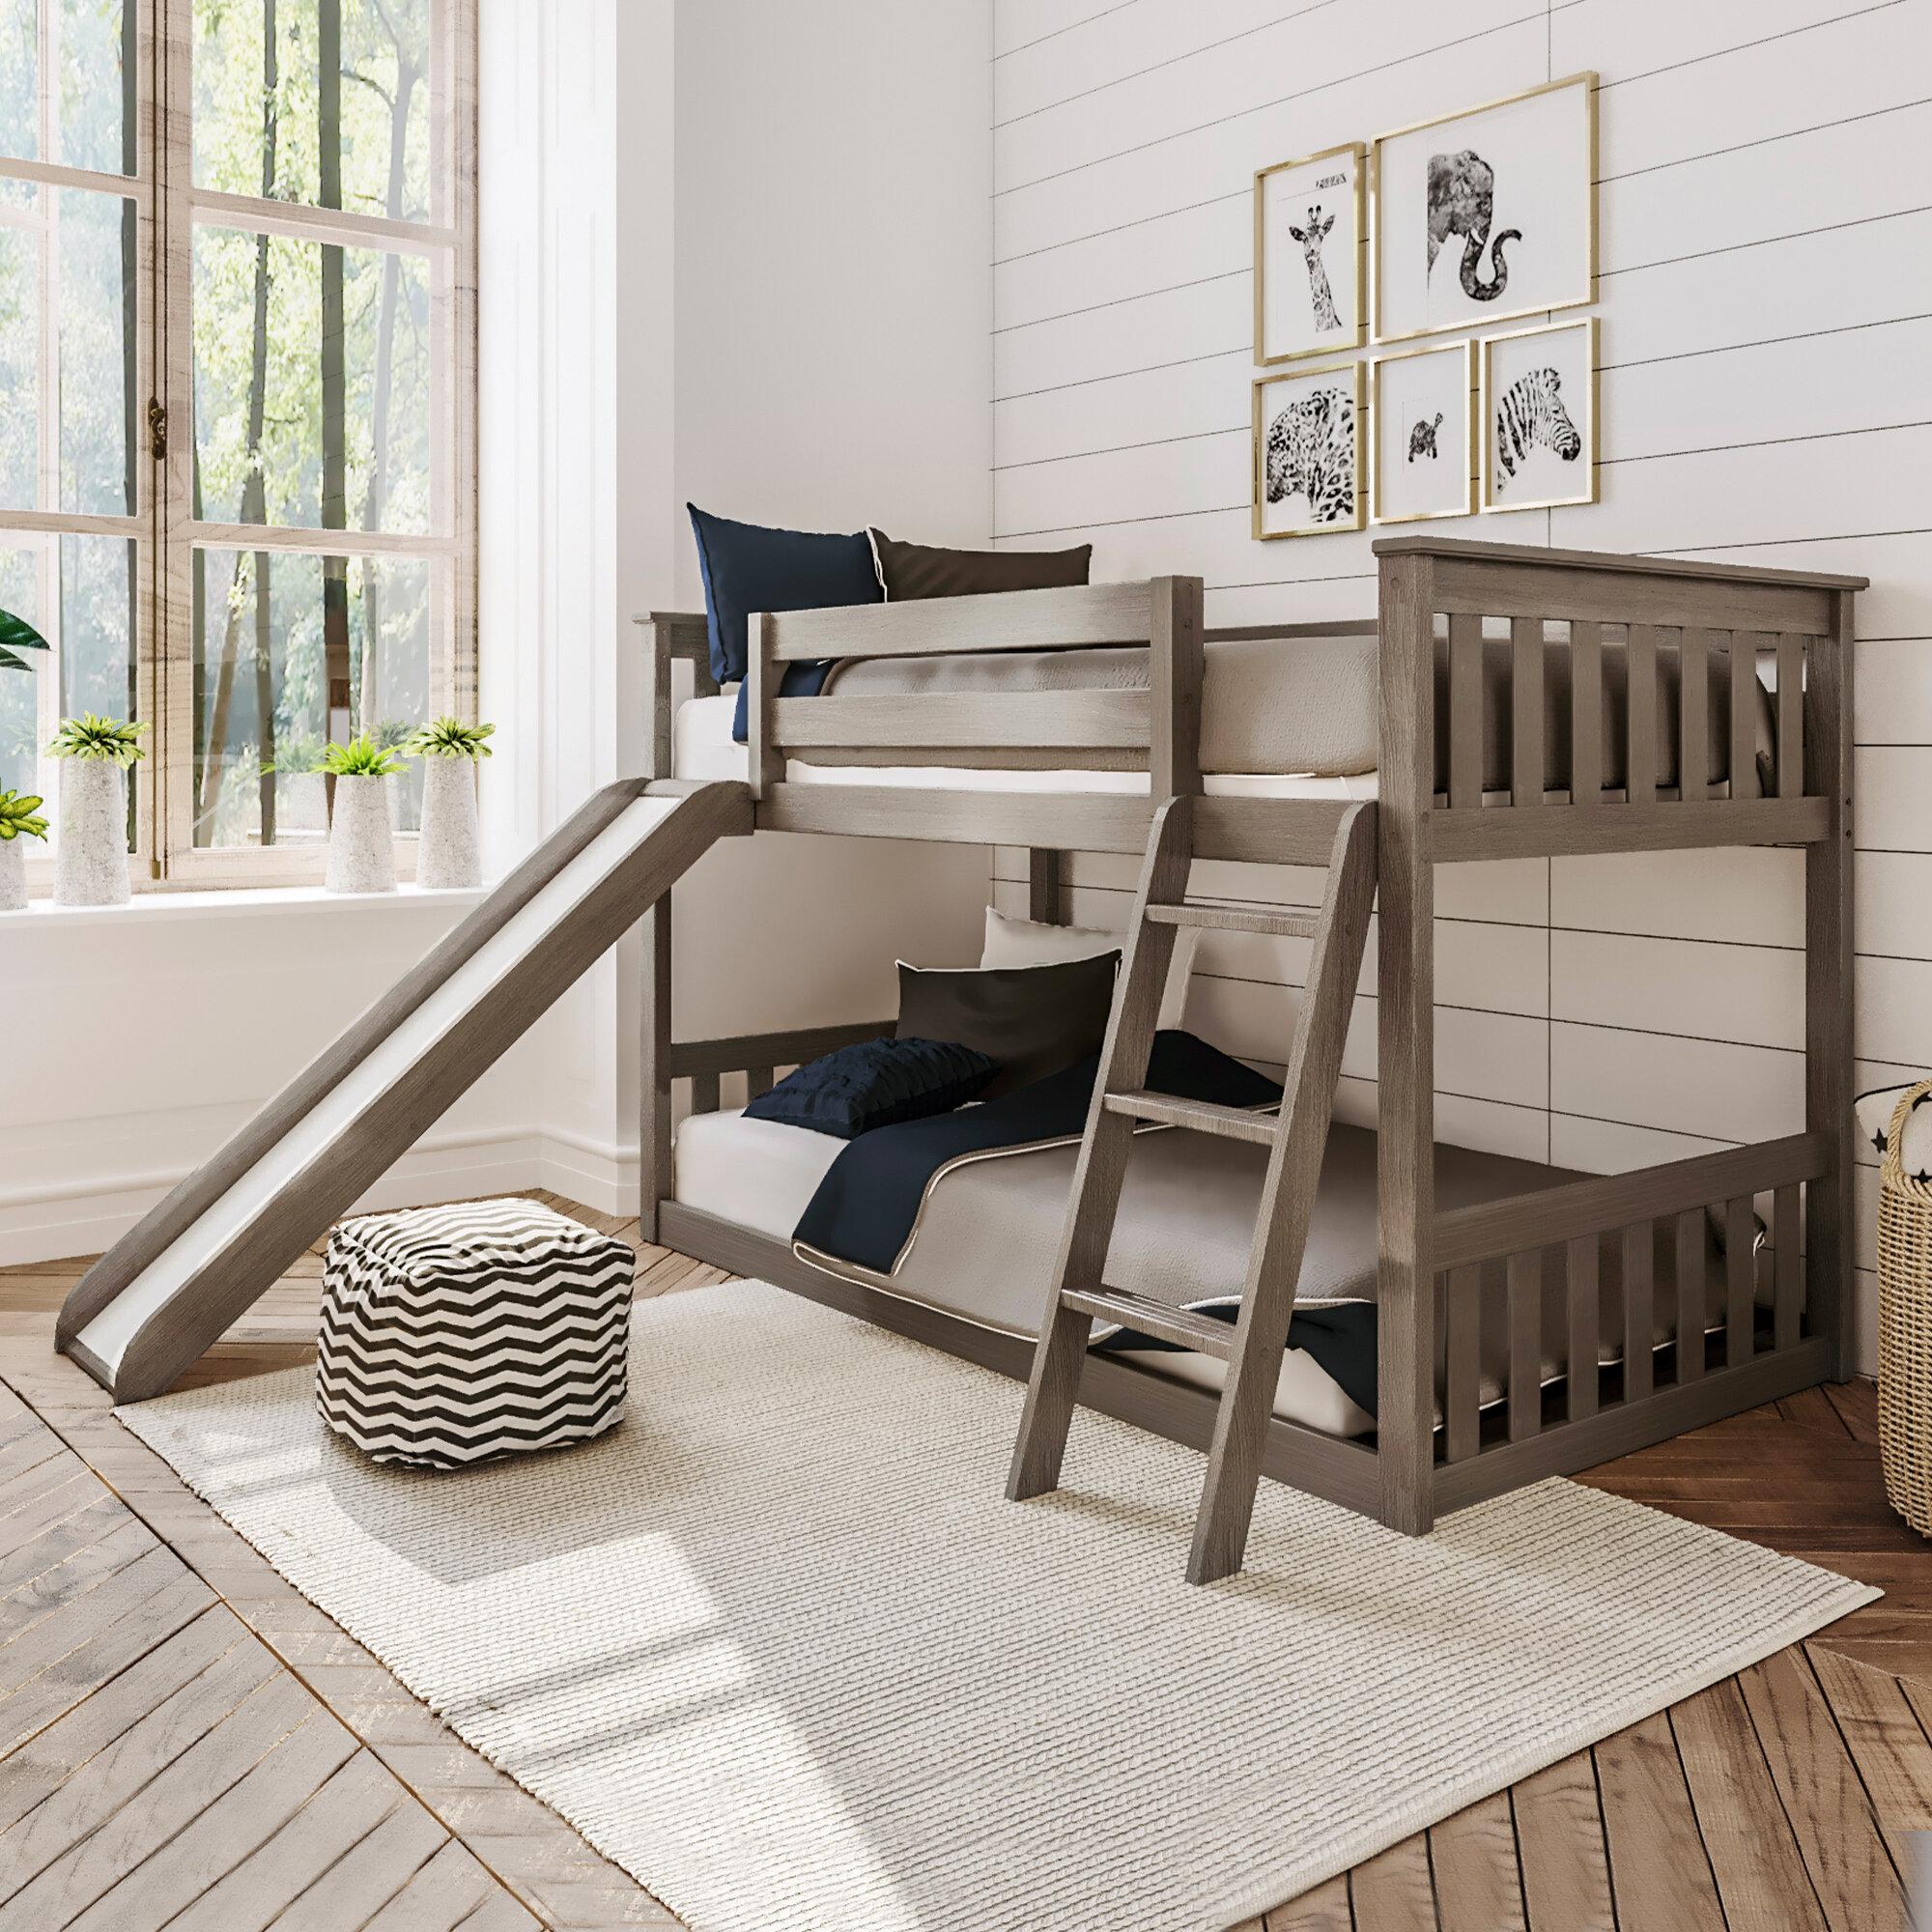 Image of: Bunk Beds Up To 60 Off Through 12 21 Wayfair